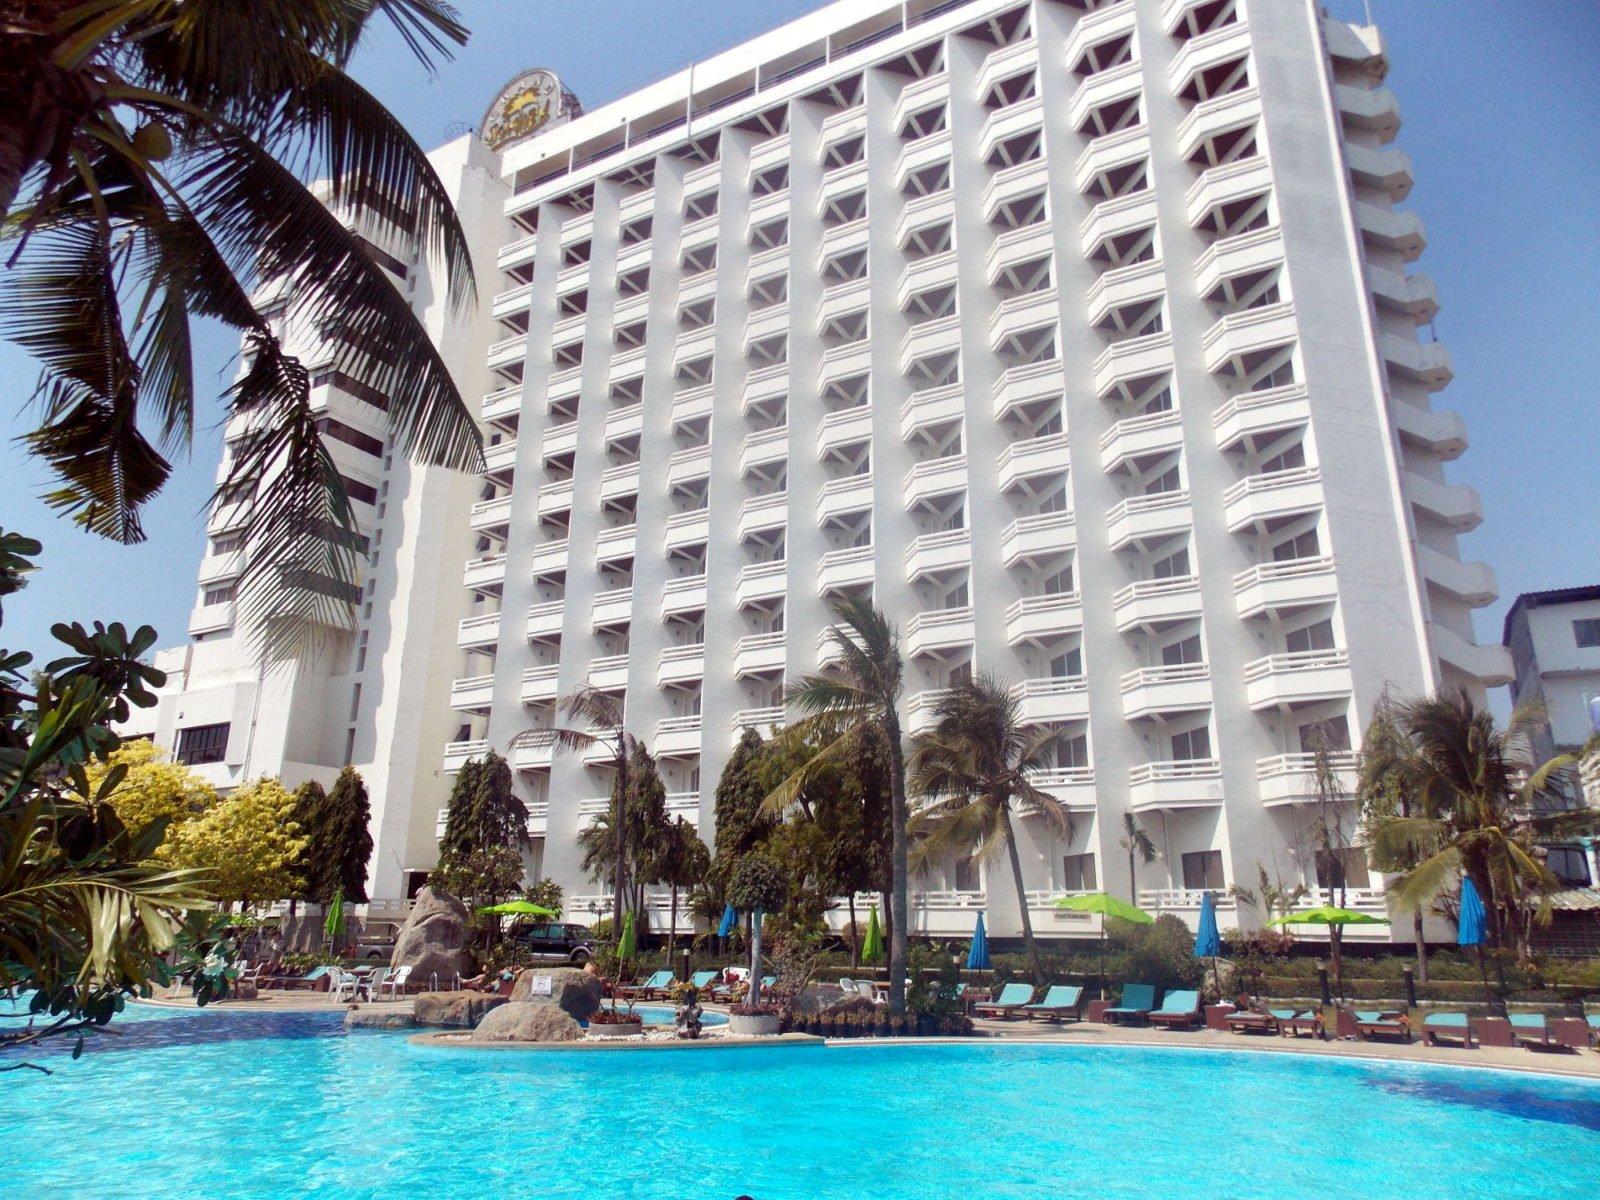 Отель гранд джомтьен палас